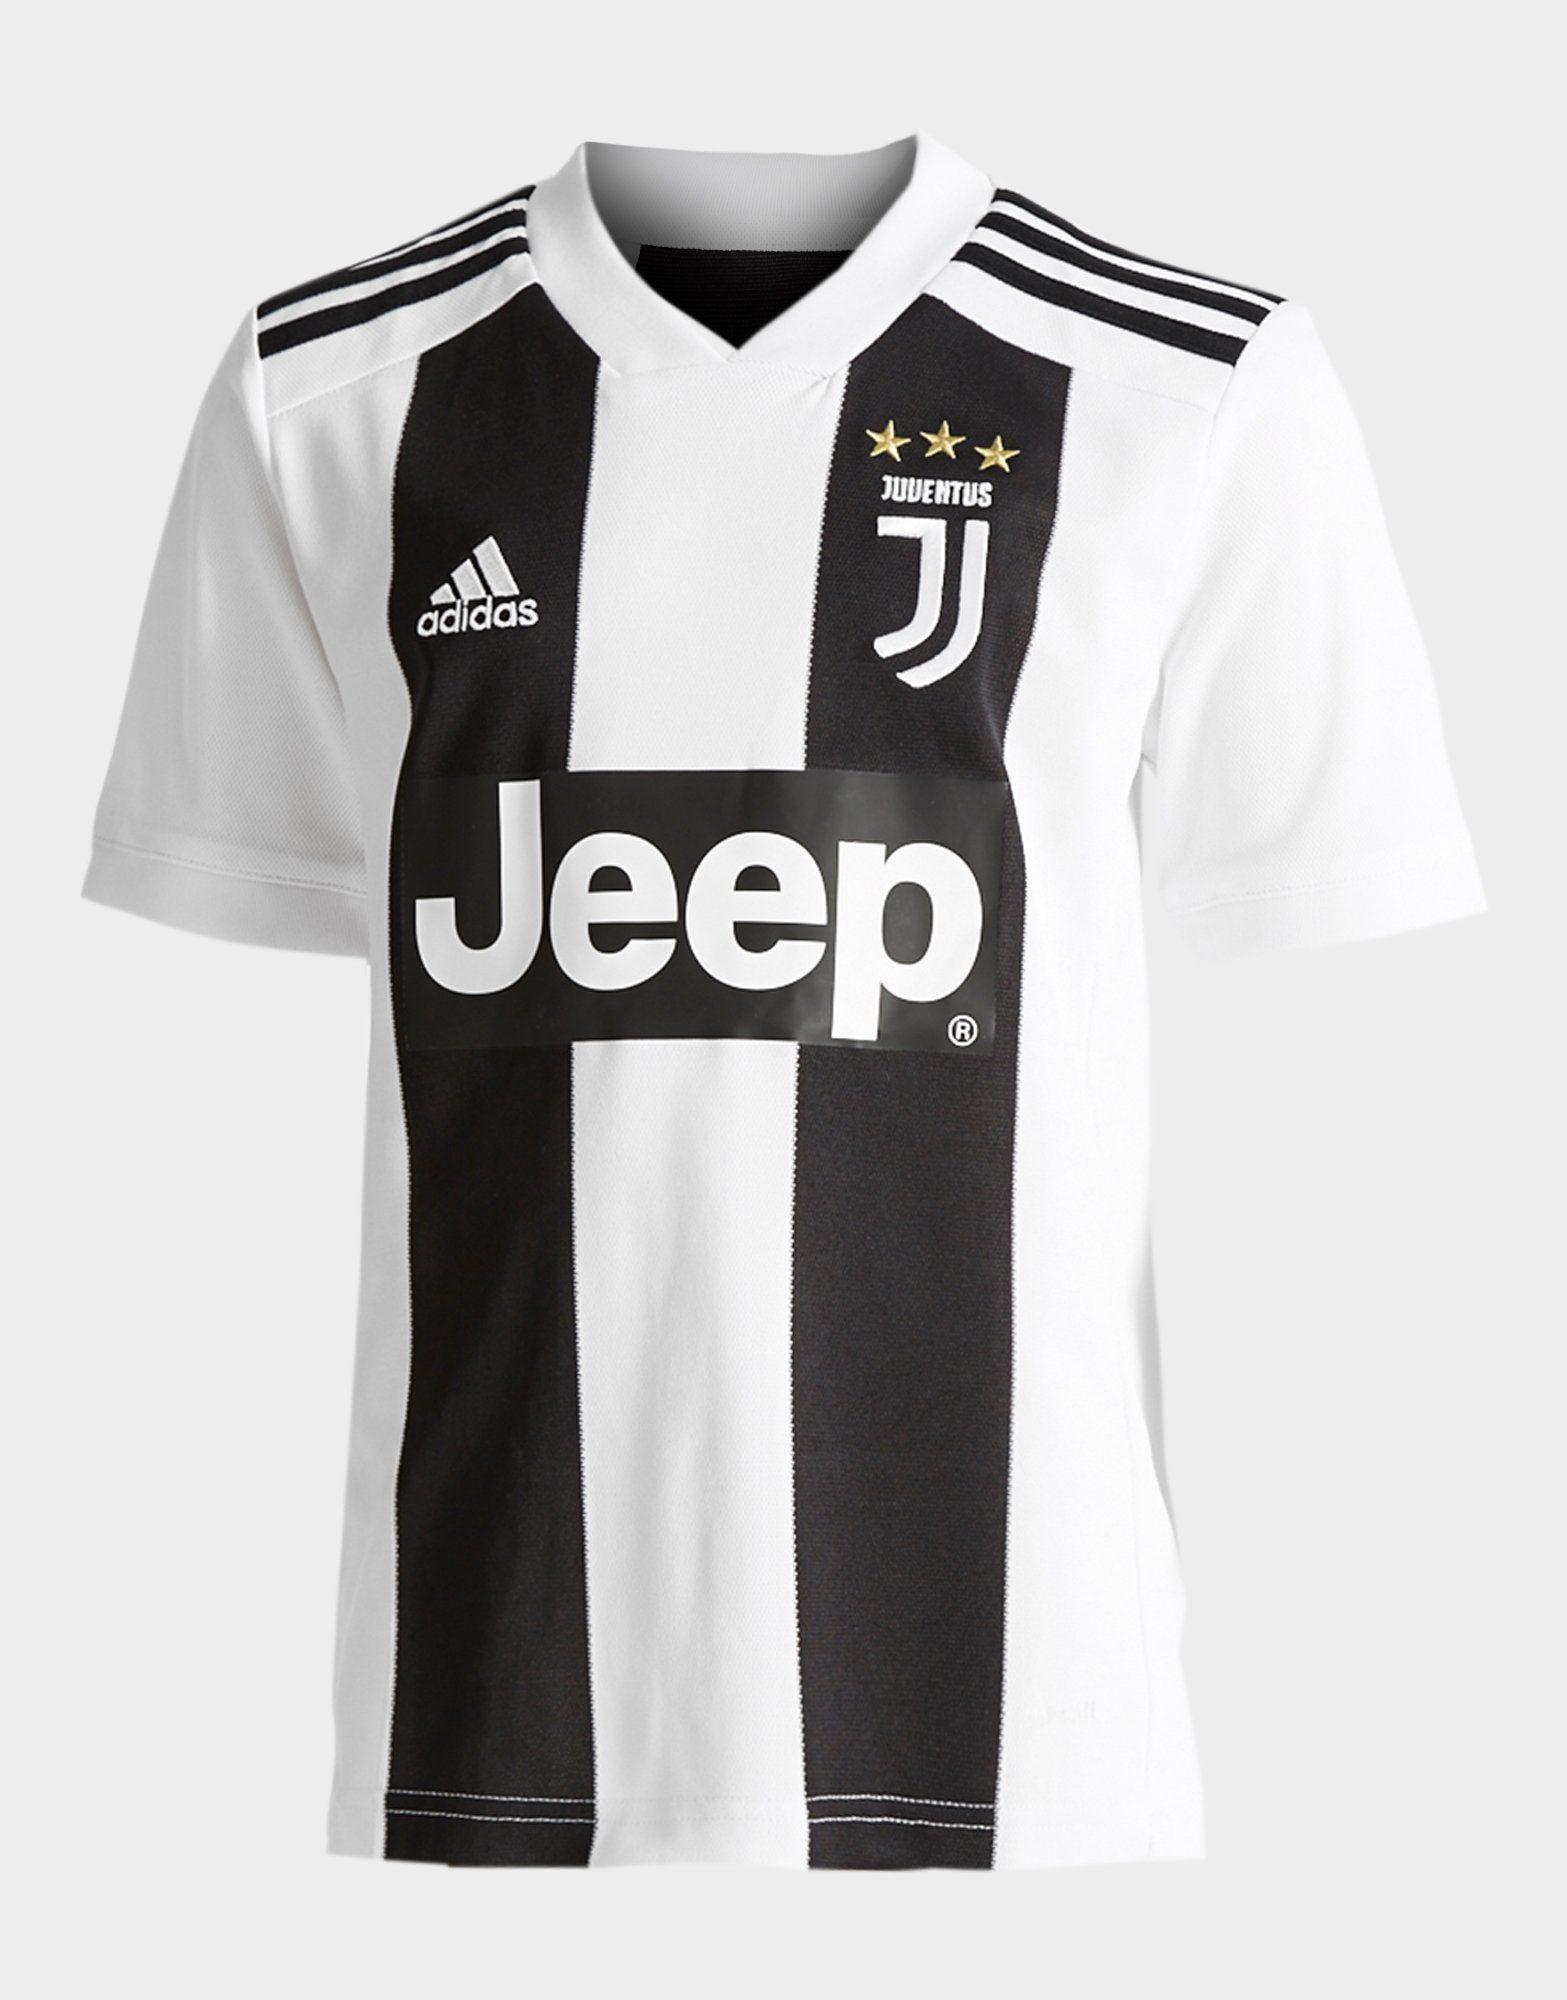 30c0d0c35 adidas Juventus 2018/19 Home Shirt Junior | JD Sports